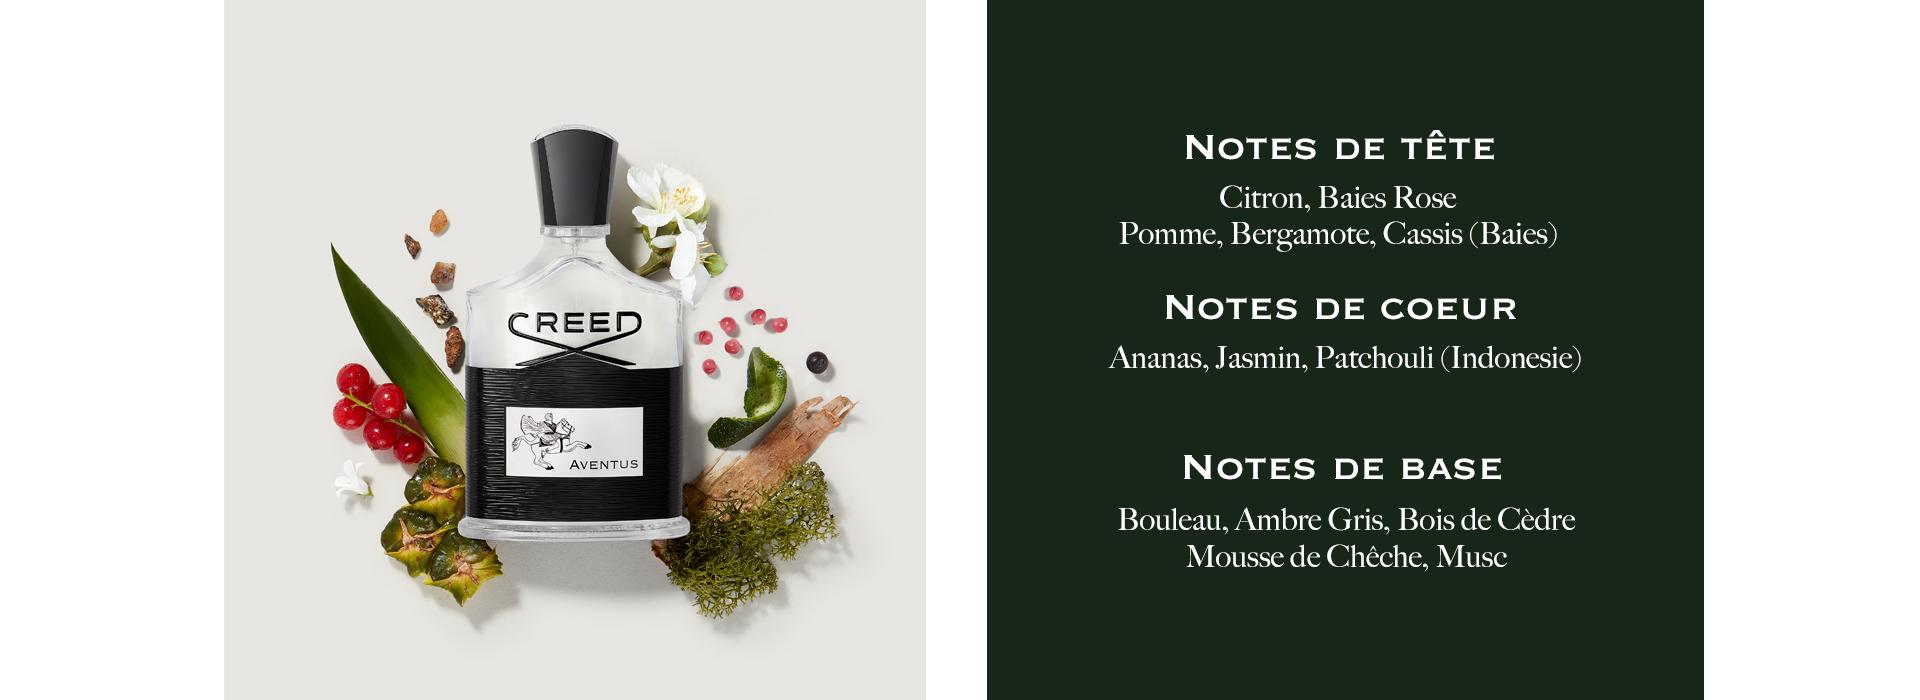 Notes De Tete: Citron, Baies Rose, Pomme, Bergamote, Cassis (Baies). Notes De Couer: Ananas, Jasmine, Patchouli (Indonesie). Notes De Base: Bouleau, Ambre Gris, Bois De Cedre, Mousse De Cheche, Muse.